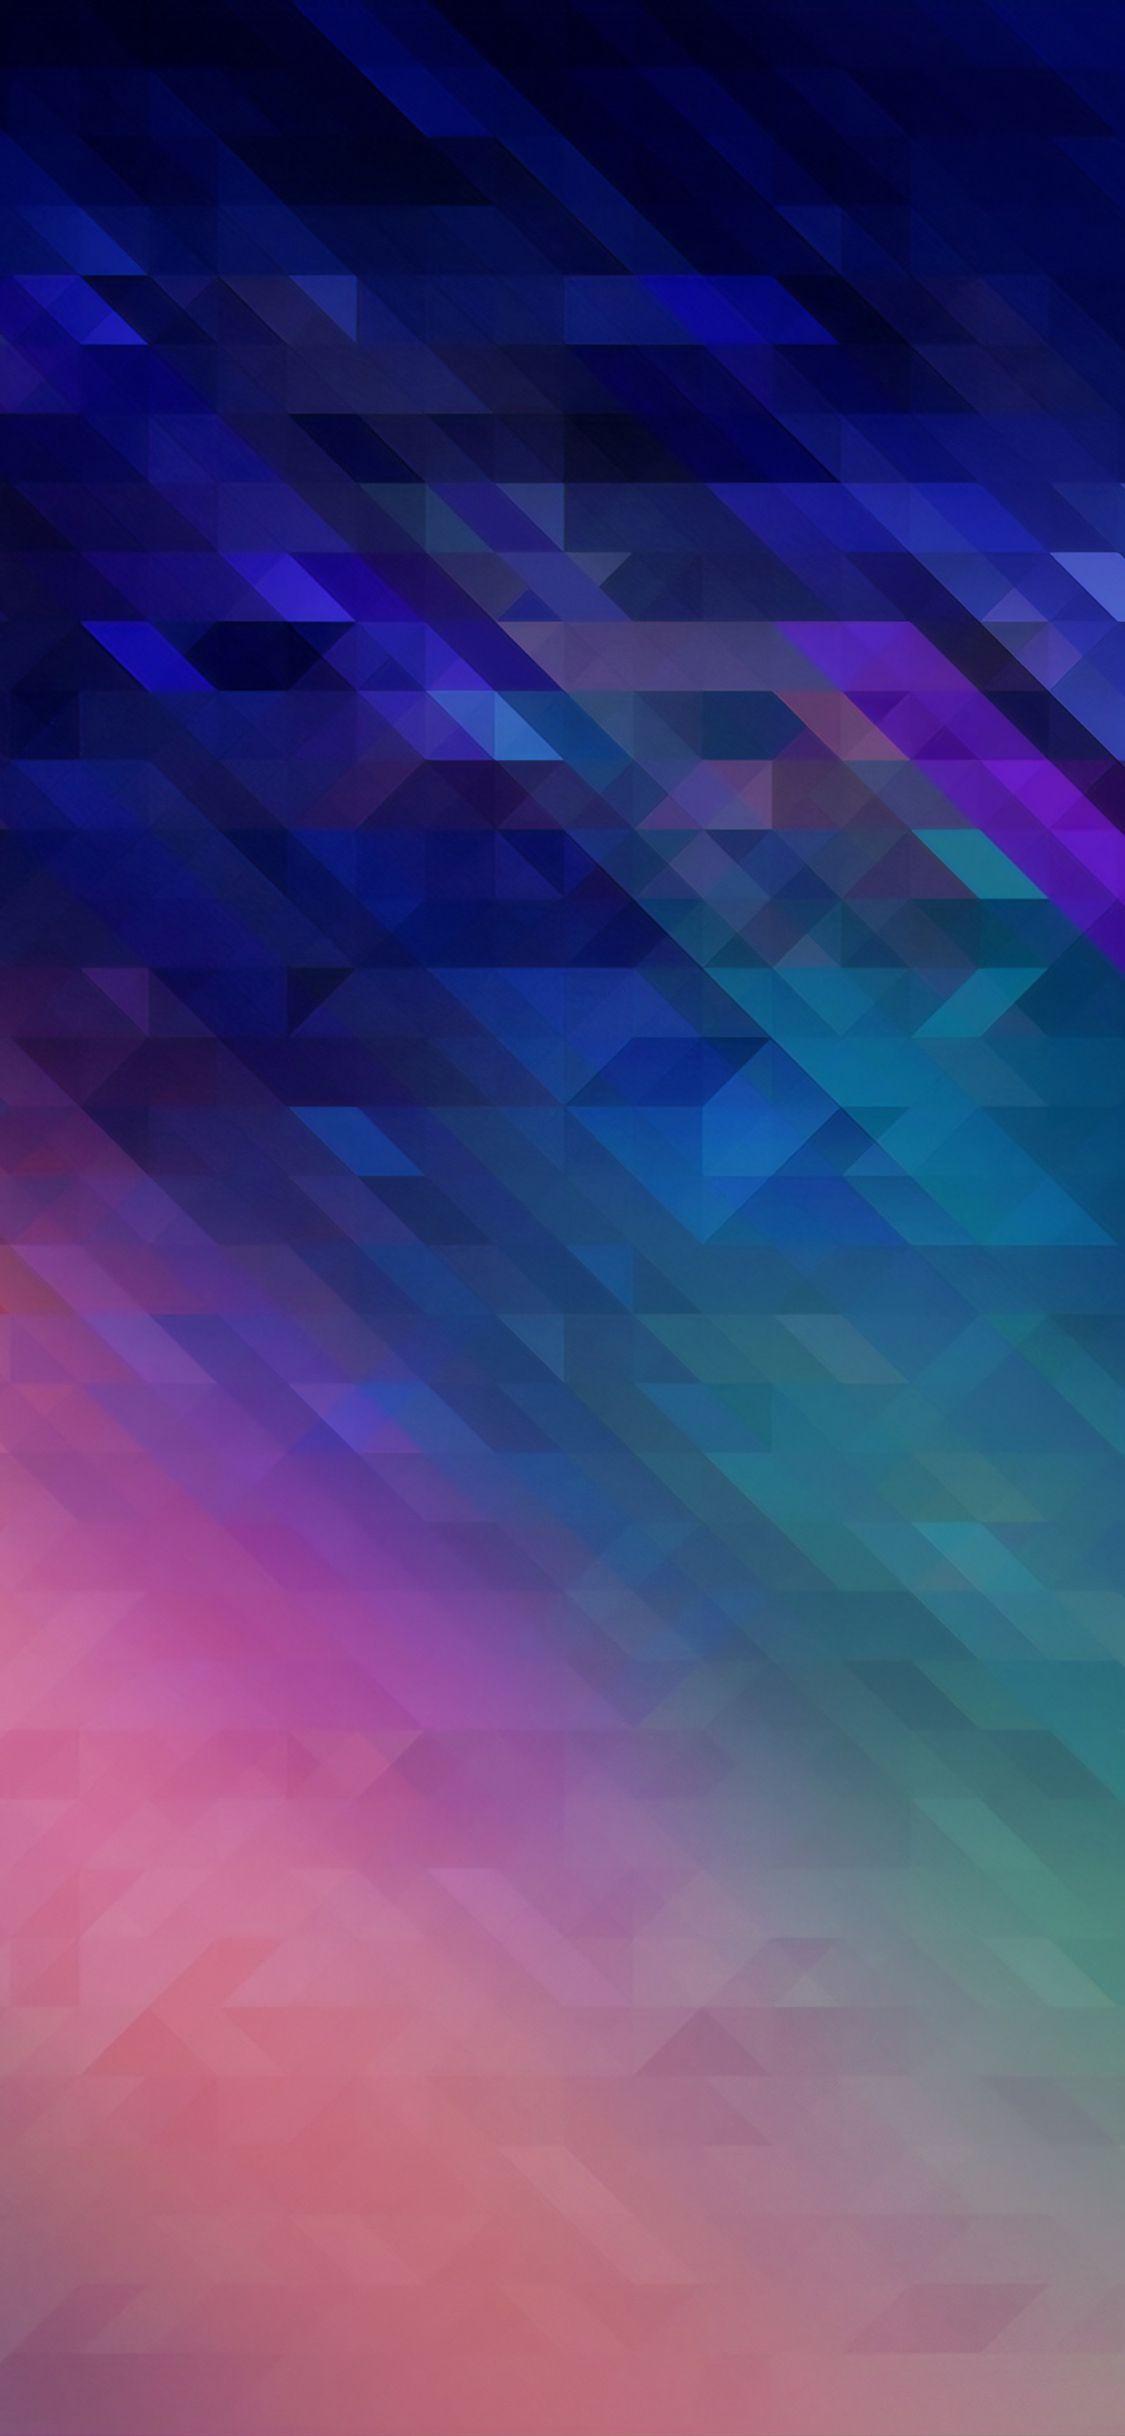 Gradient Color iPhone X 4K Wallpaper